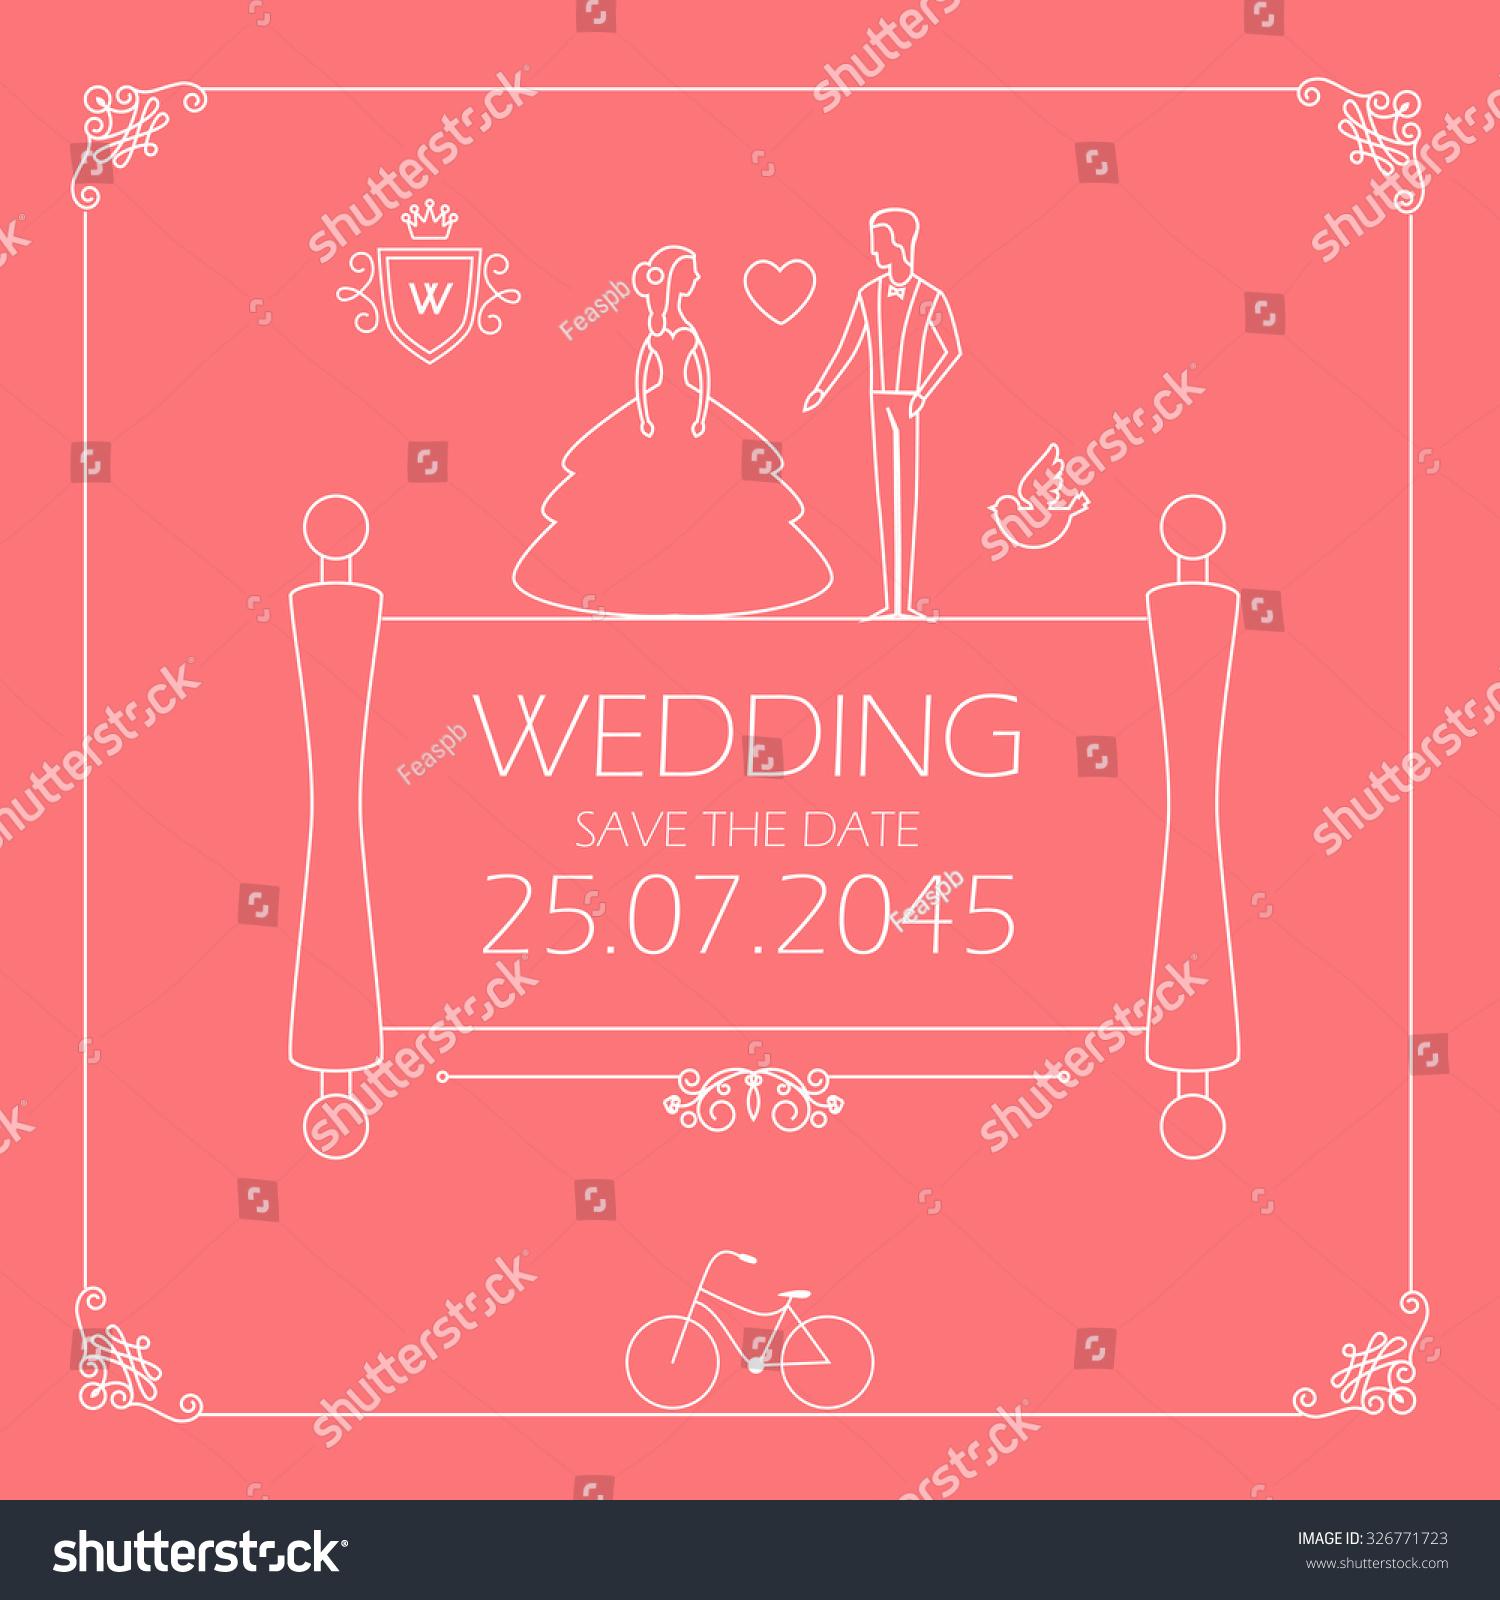 Vintage Wedding Invitation Groom Bride Trendy Stock Vector (2018 ...